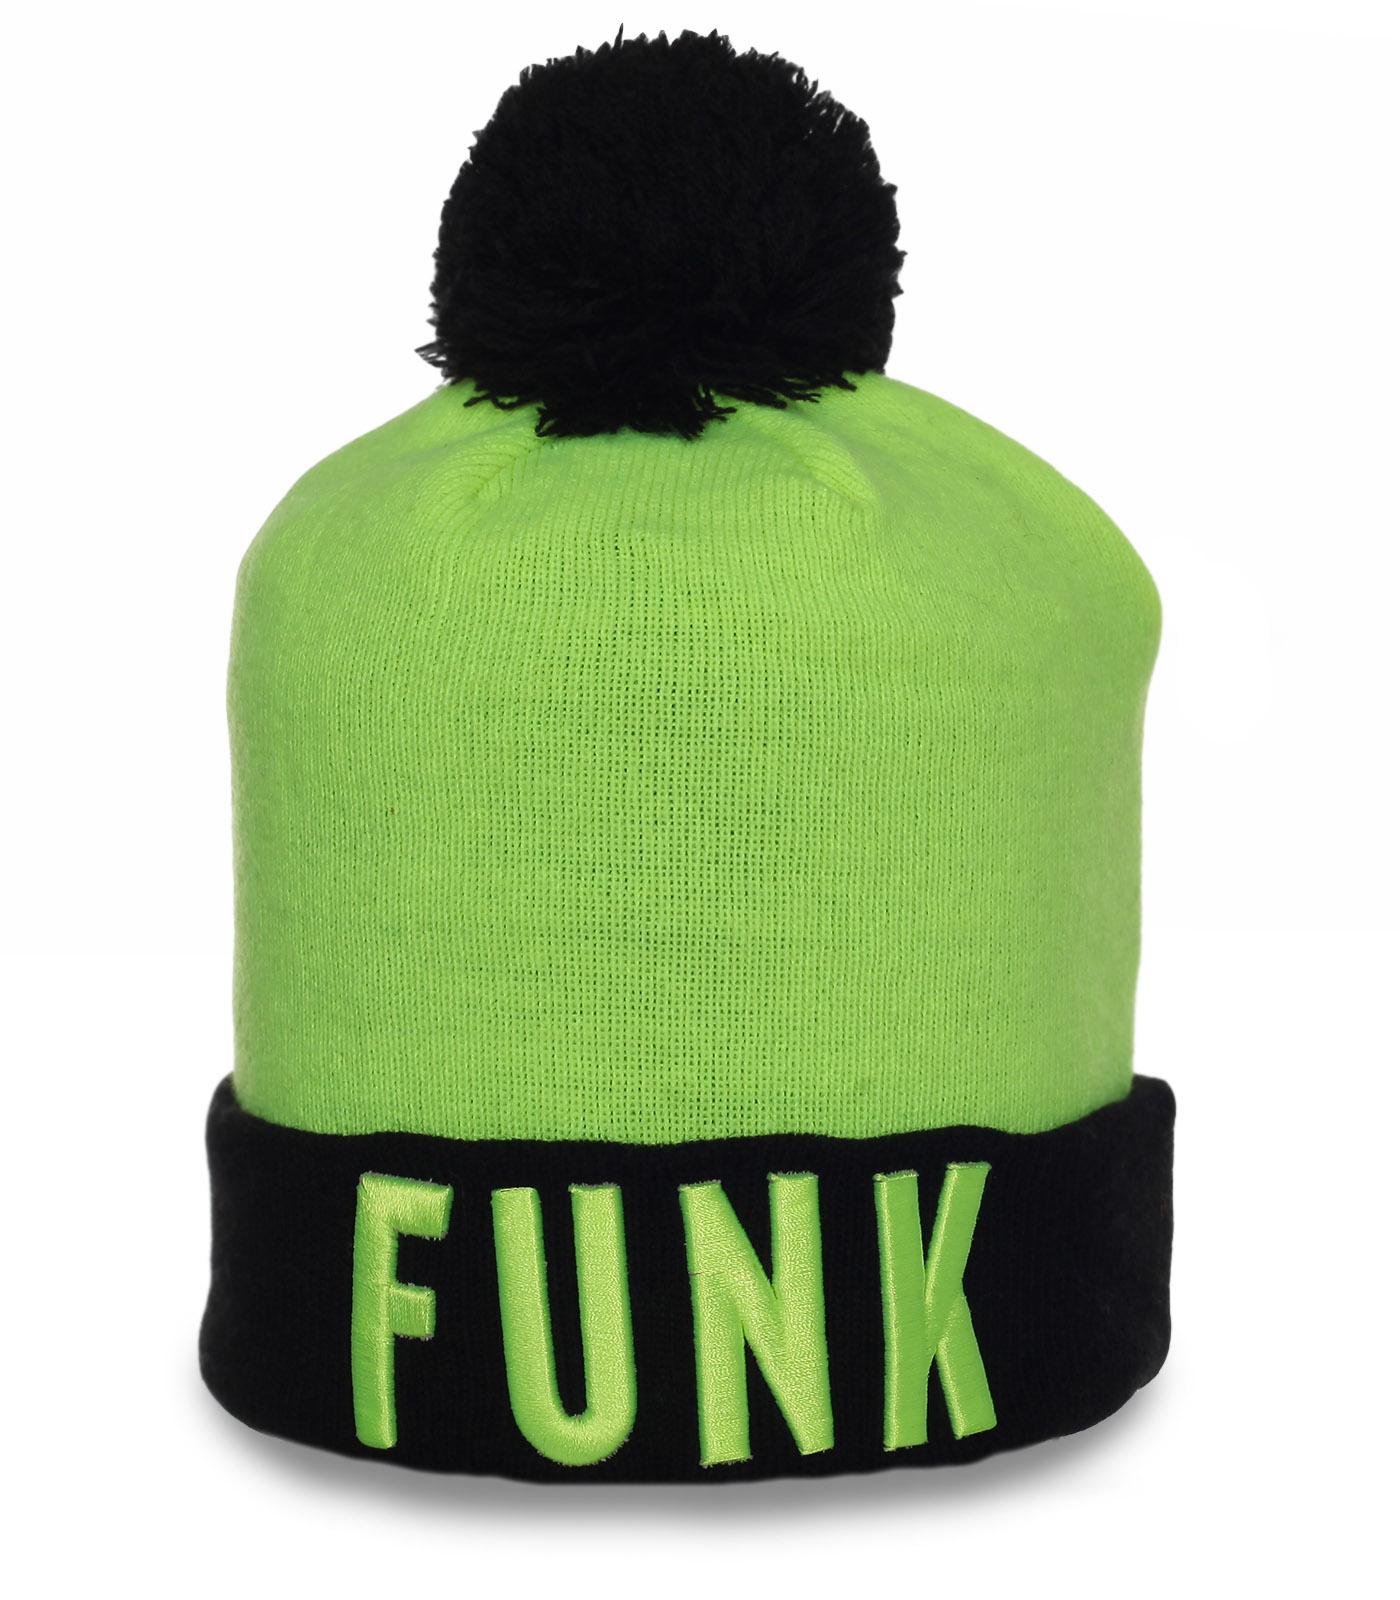 Классная шапка Funk. Супер-модный головной убор для спорта и на каждый день. 100% комфорт!